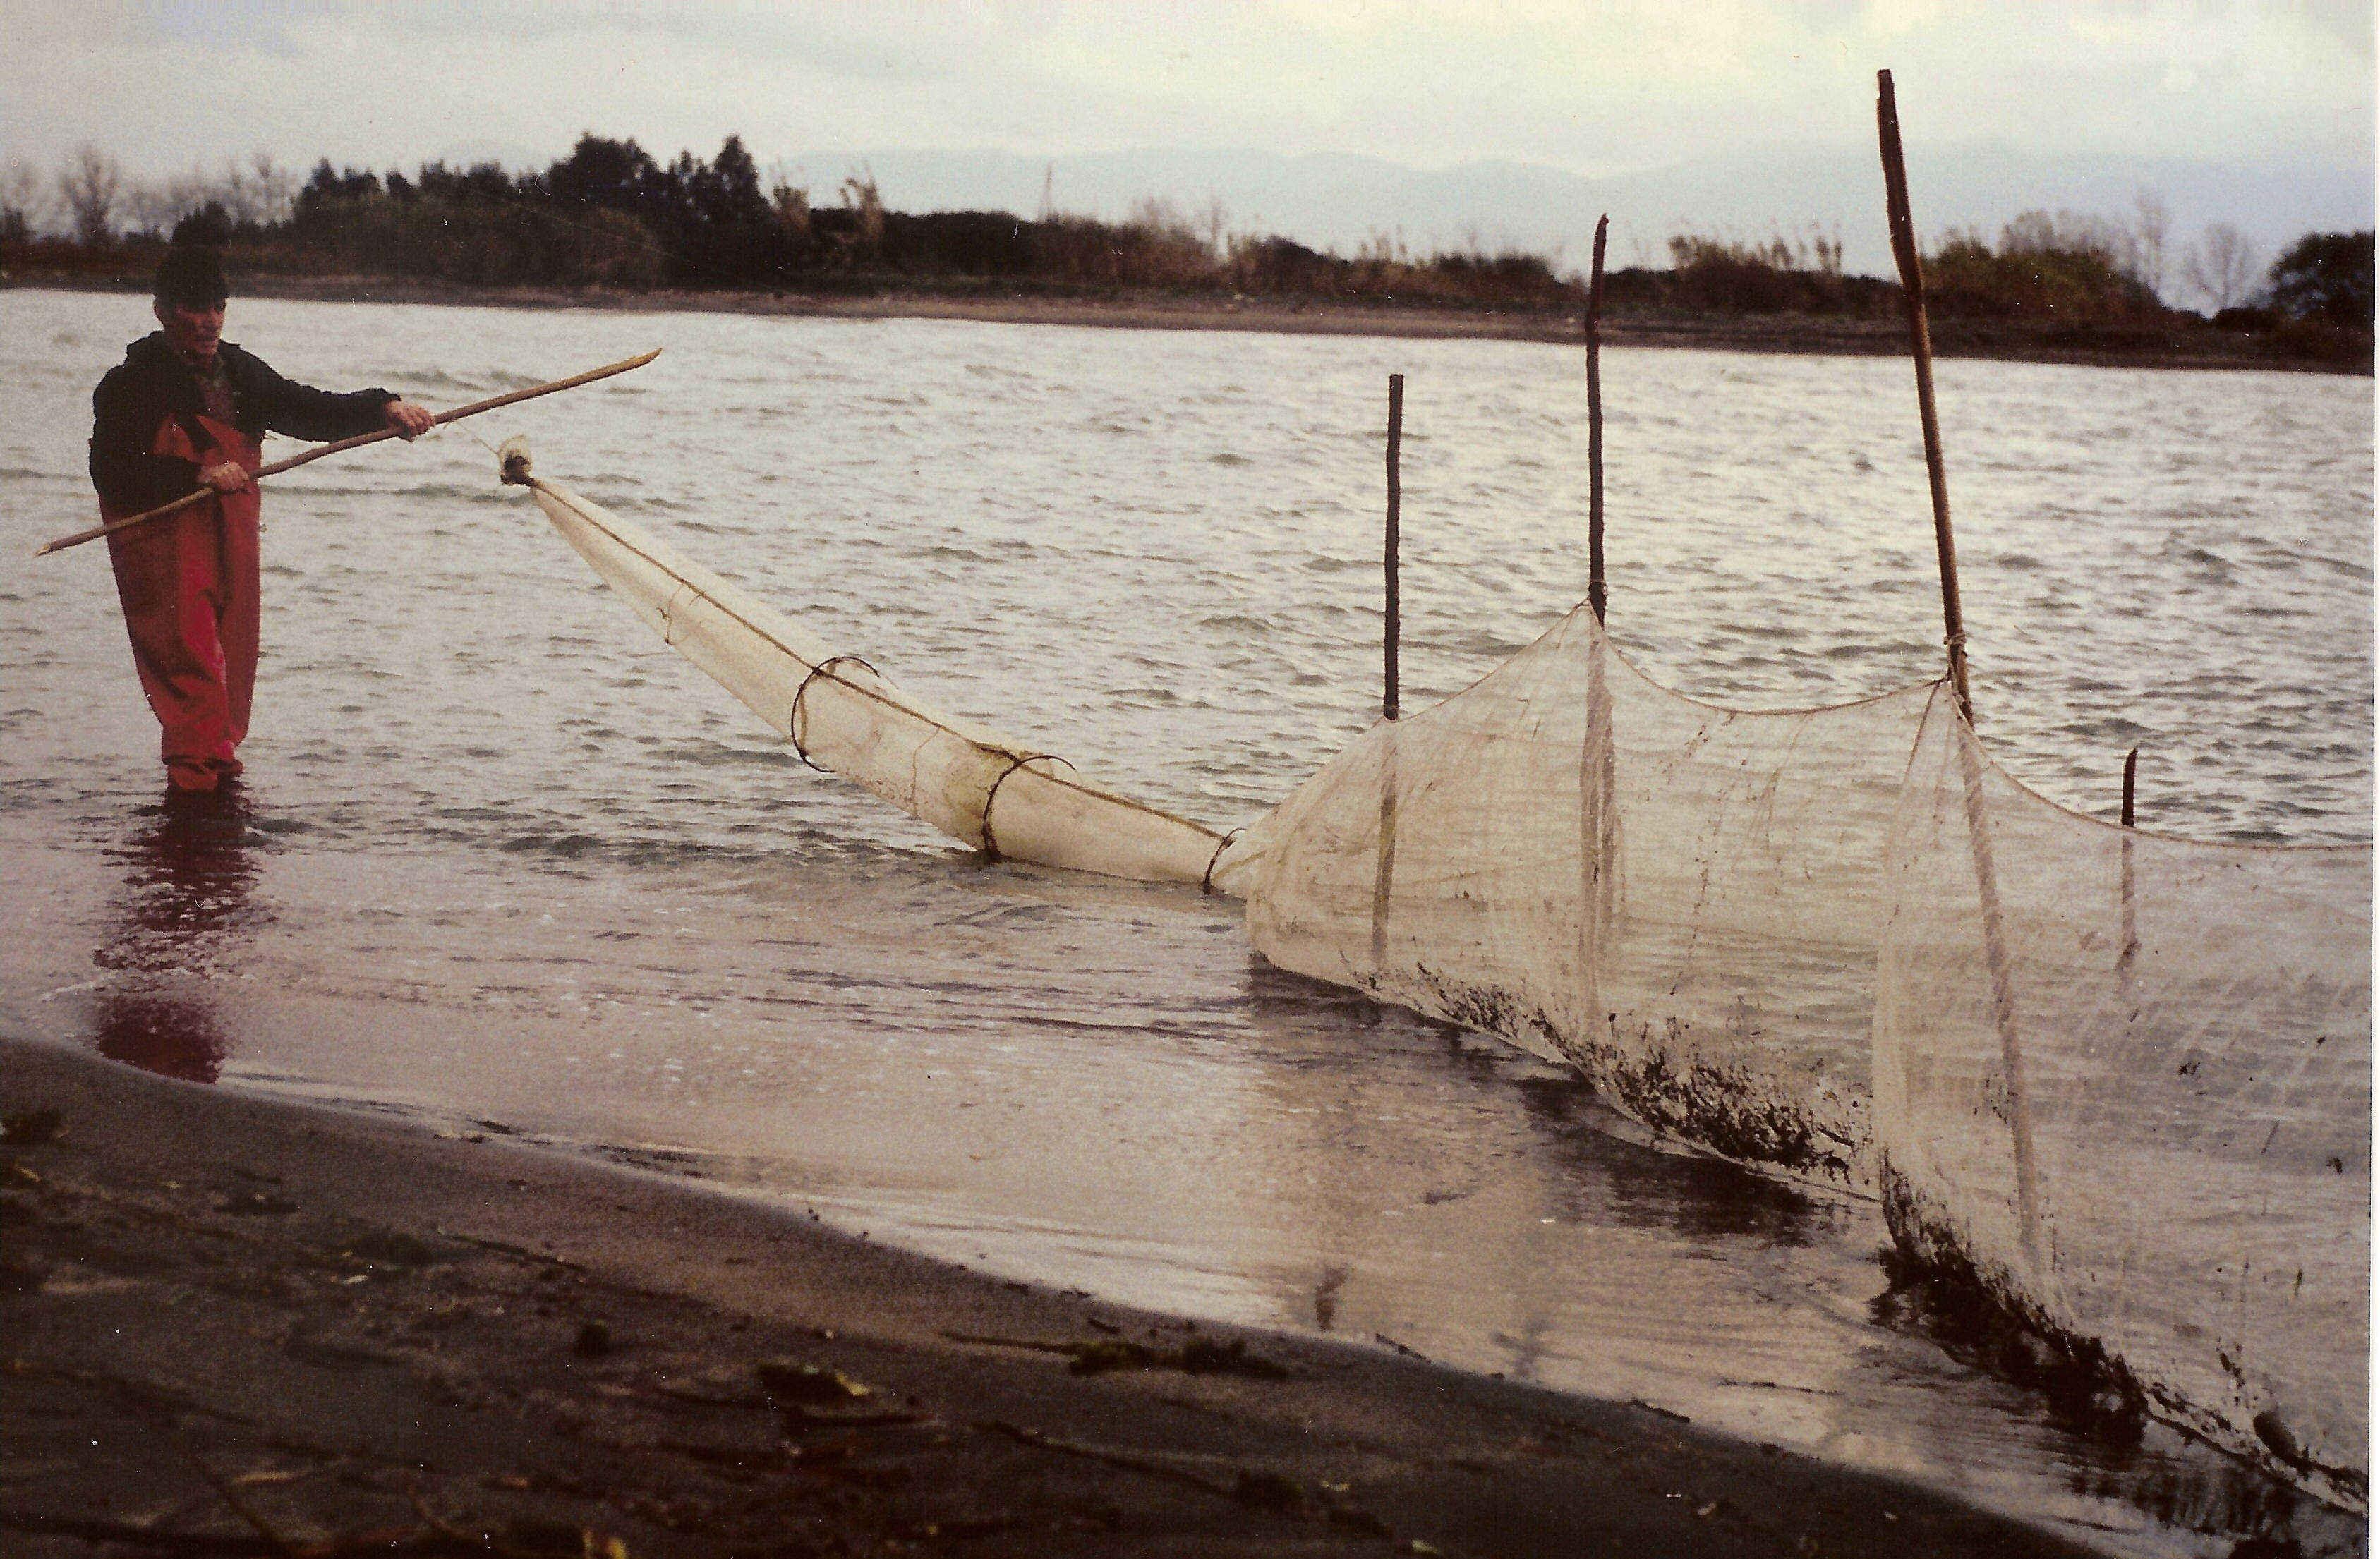 Argo fornaciari un benemerito dell 39 acquacoltura italiana for Vasche per allevamento trote